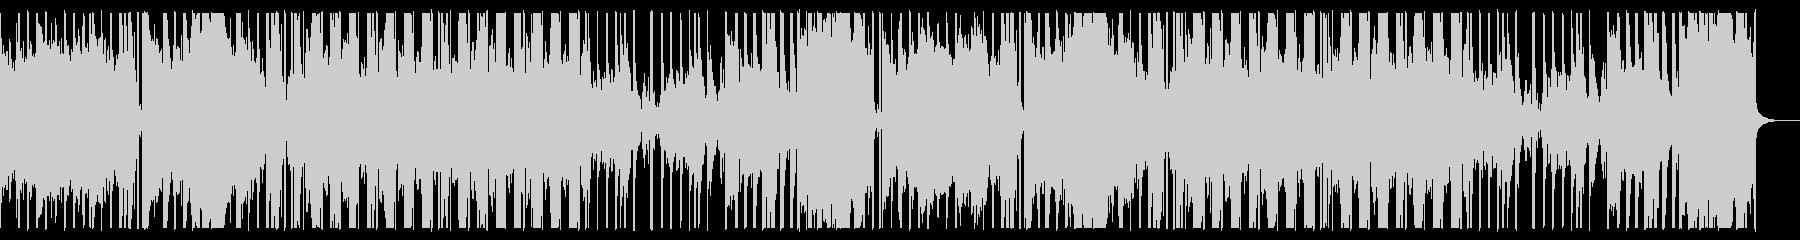 ダーク、スローでエレクトロなハロウィン曲の未再生の波形